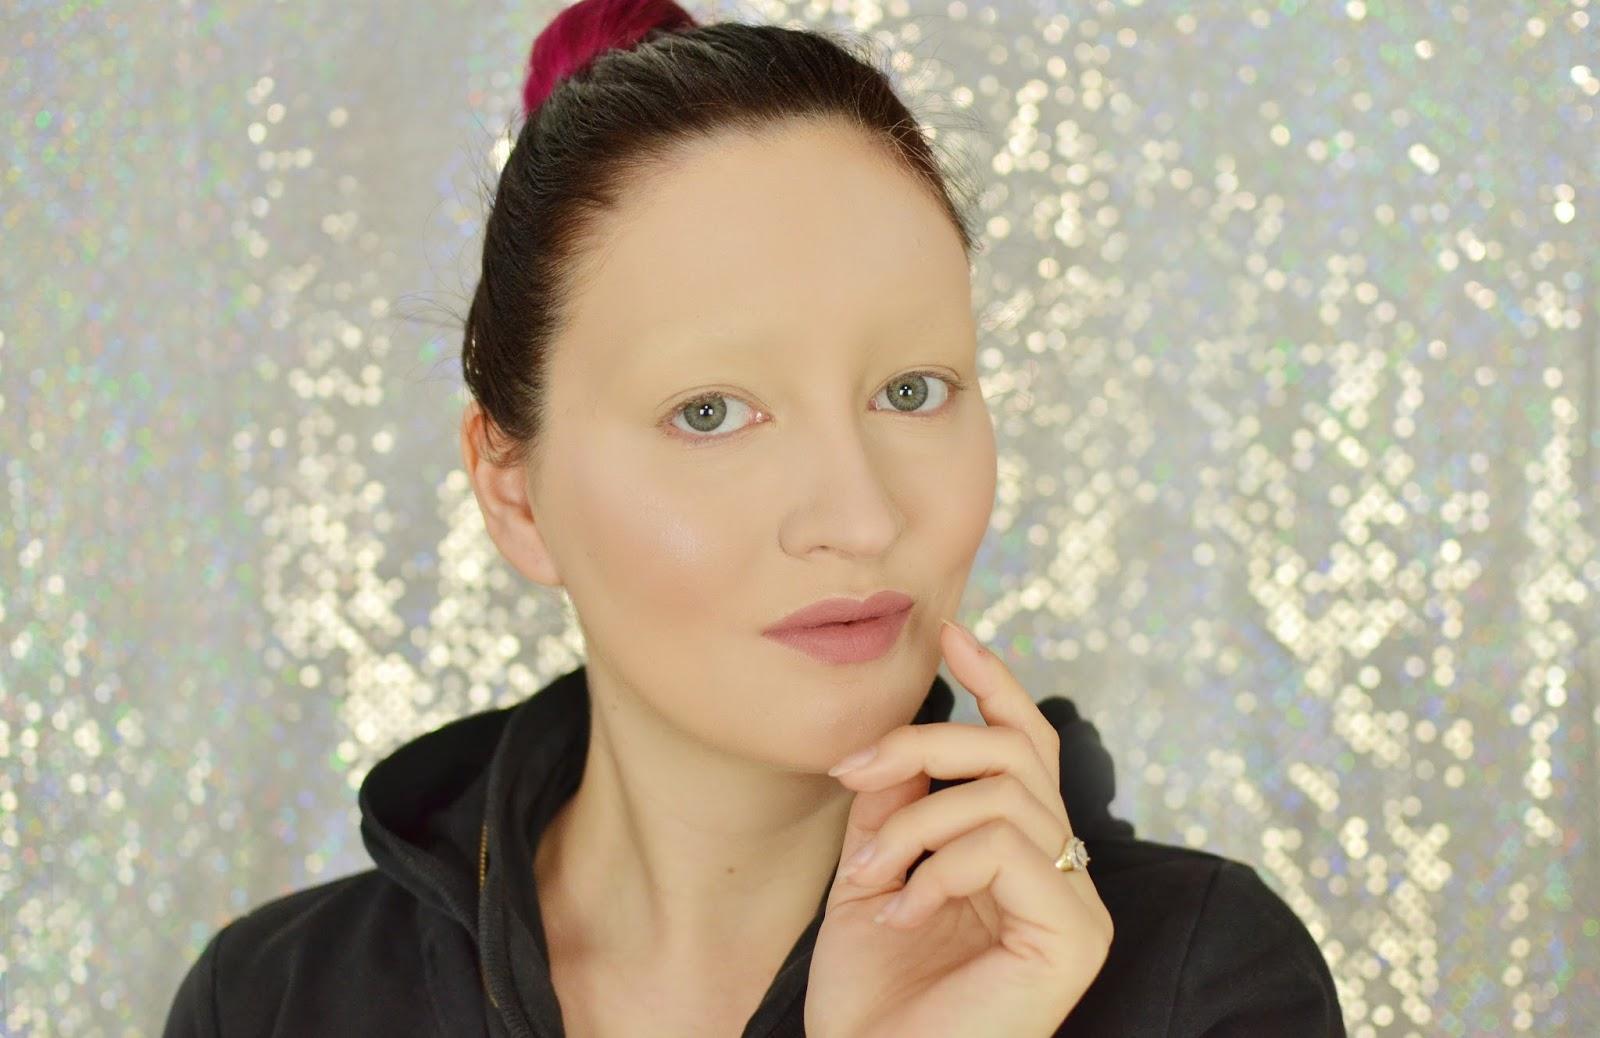 makijaż bez brwi jak ukryć brwi